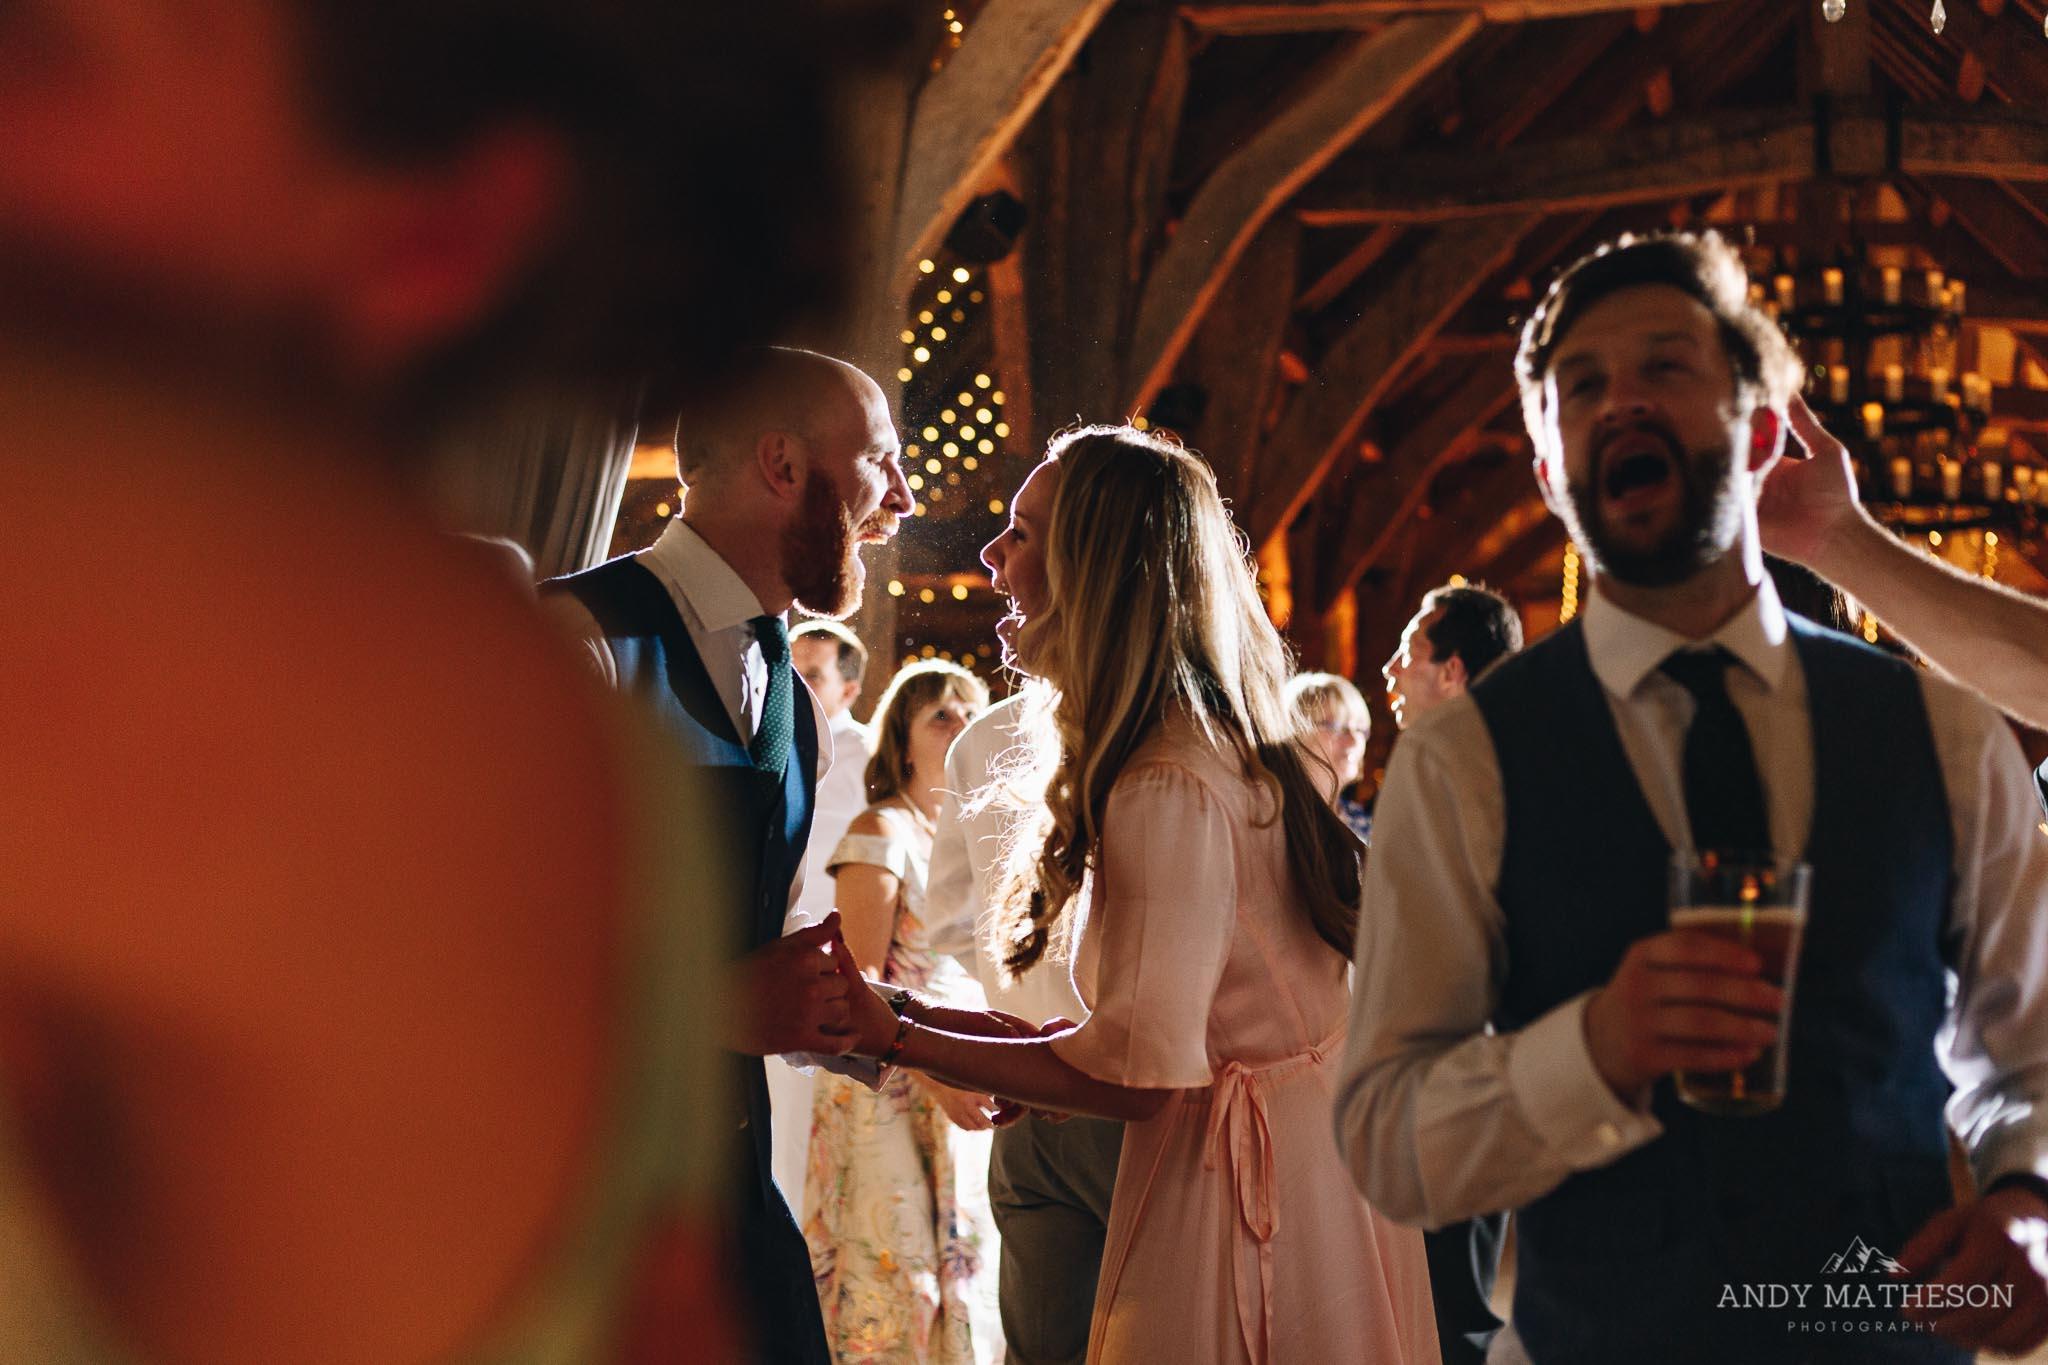 Tithe Barn Bolton Abbey Wedding Photographer_Andy Matheson_106.jpg